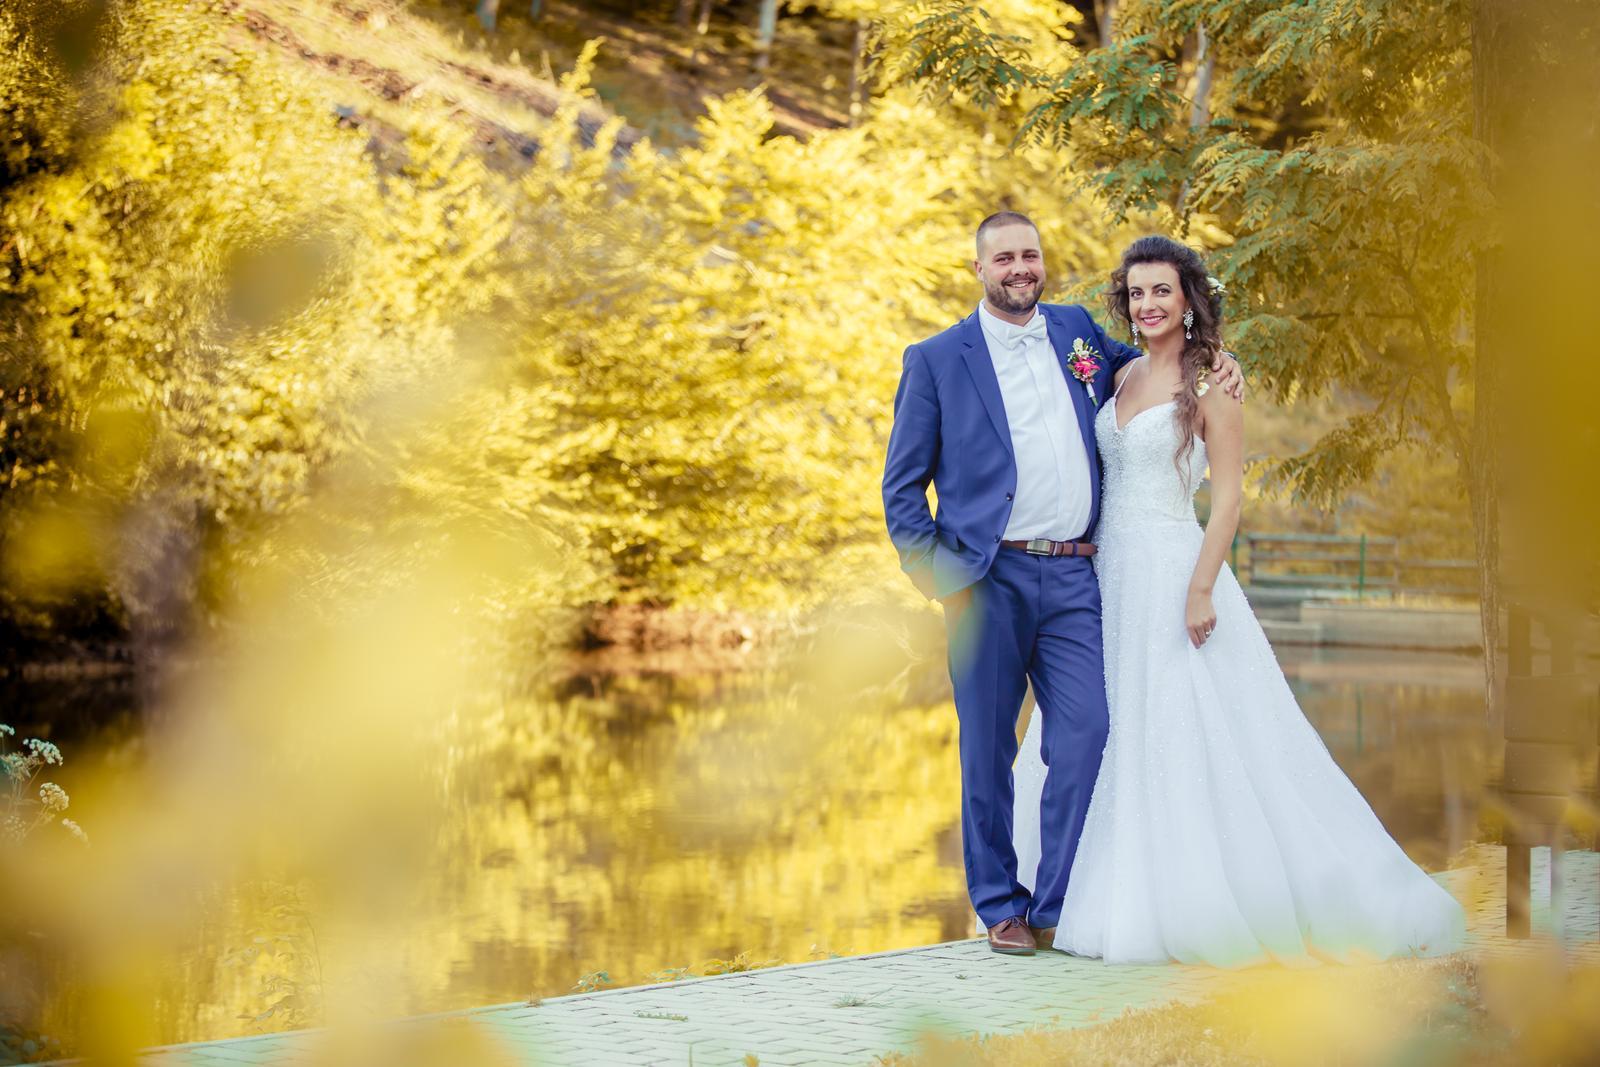 Naša svadba 1.7.2017 - Obrázok č. 3